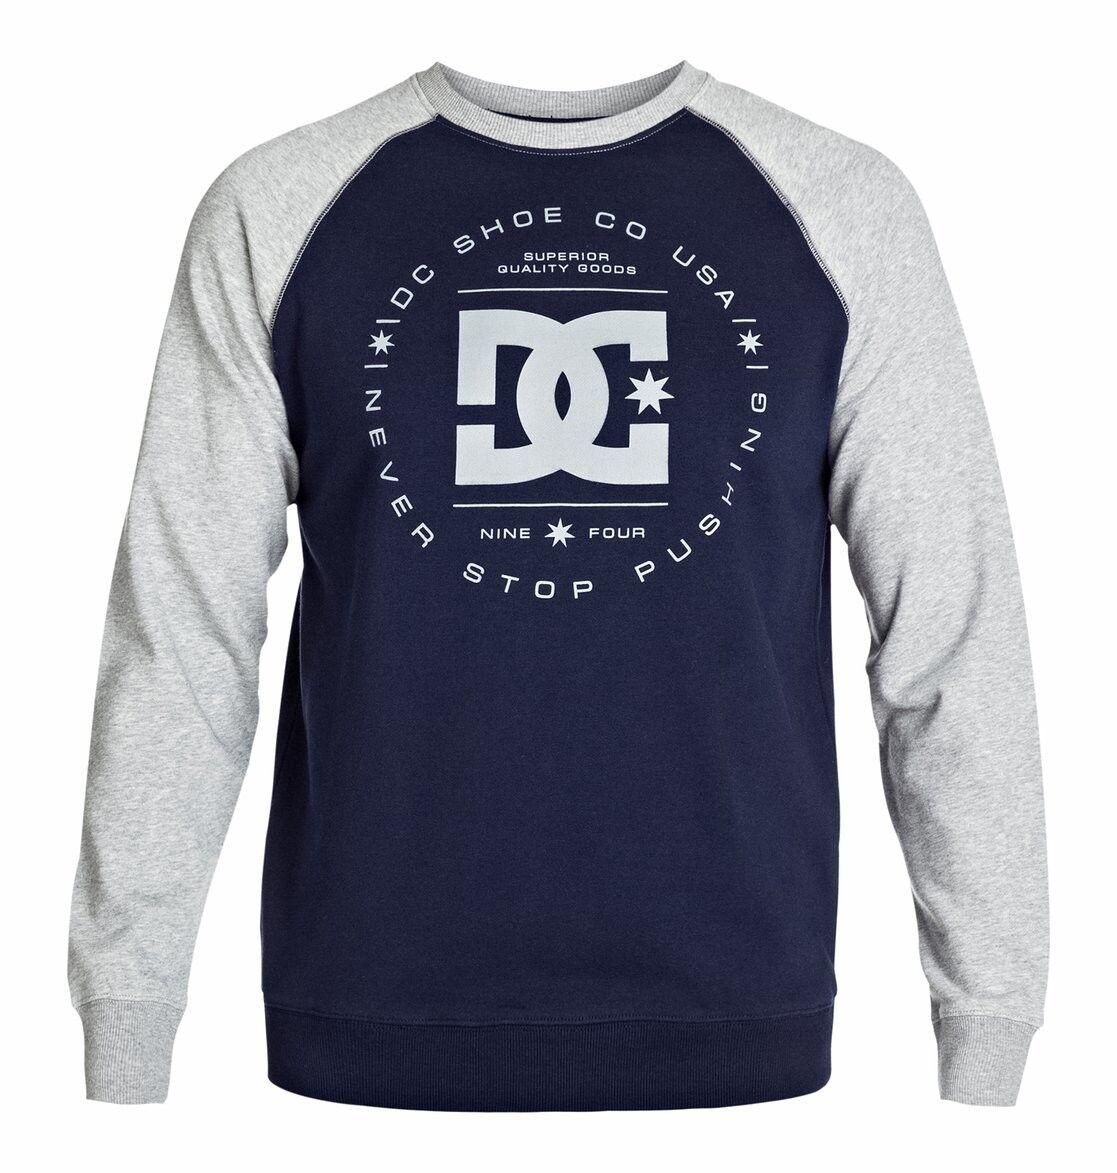 Neu DC schuhe Rebuilt Raglan Herren Sweatshirt heather grau blau